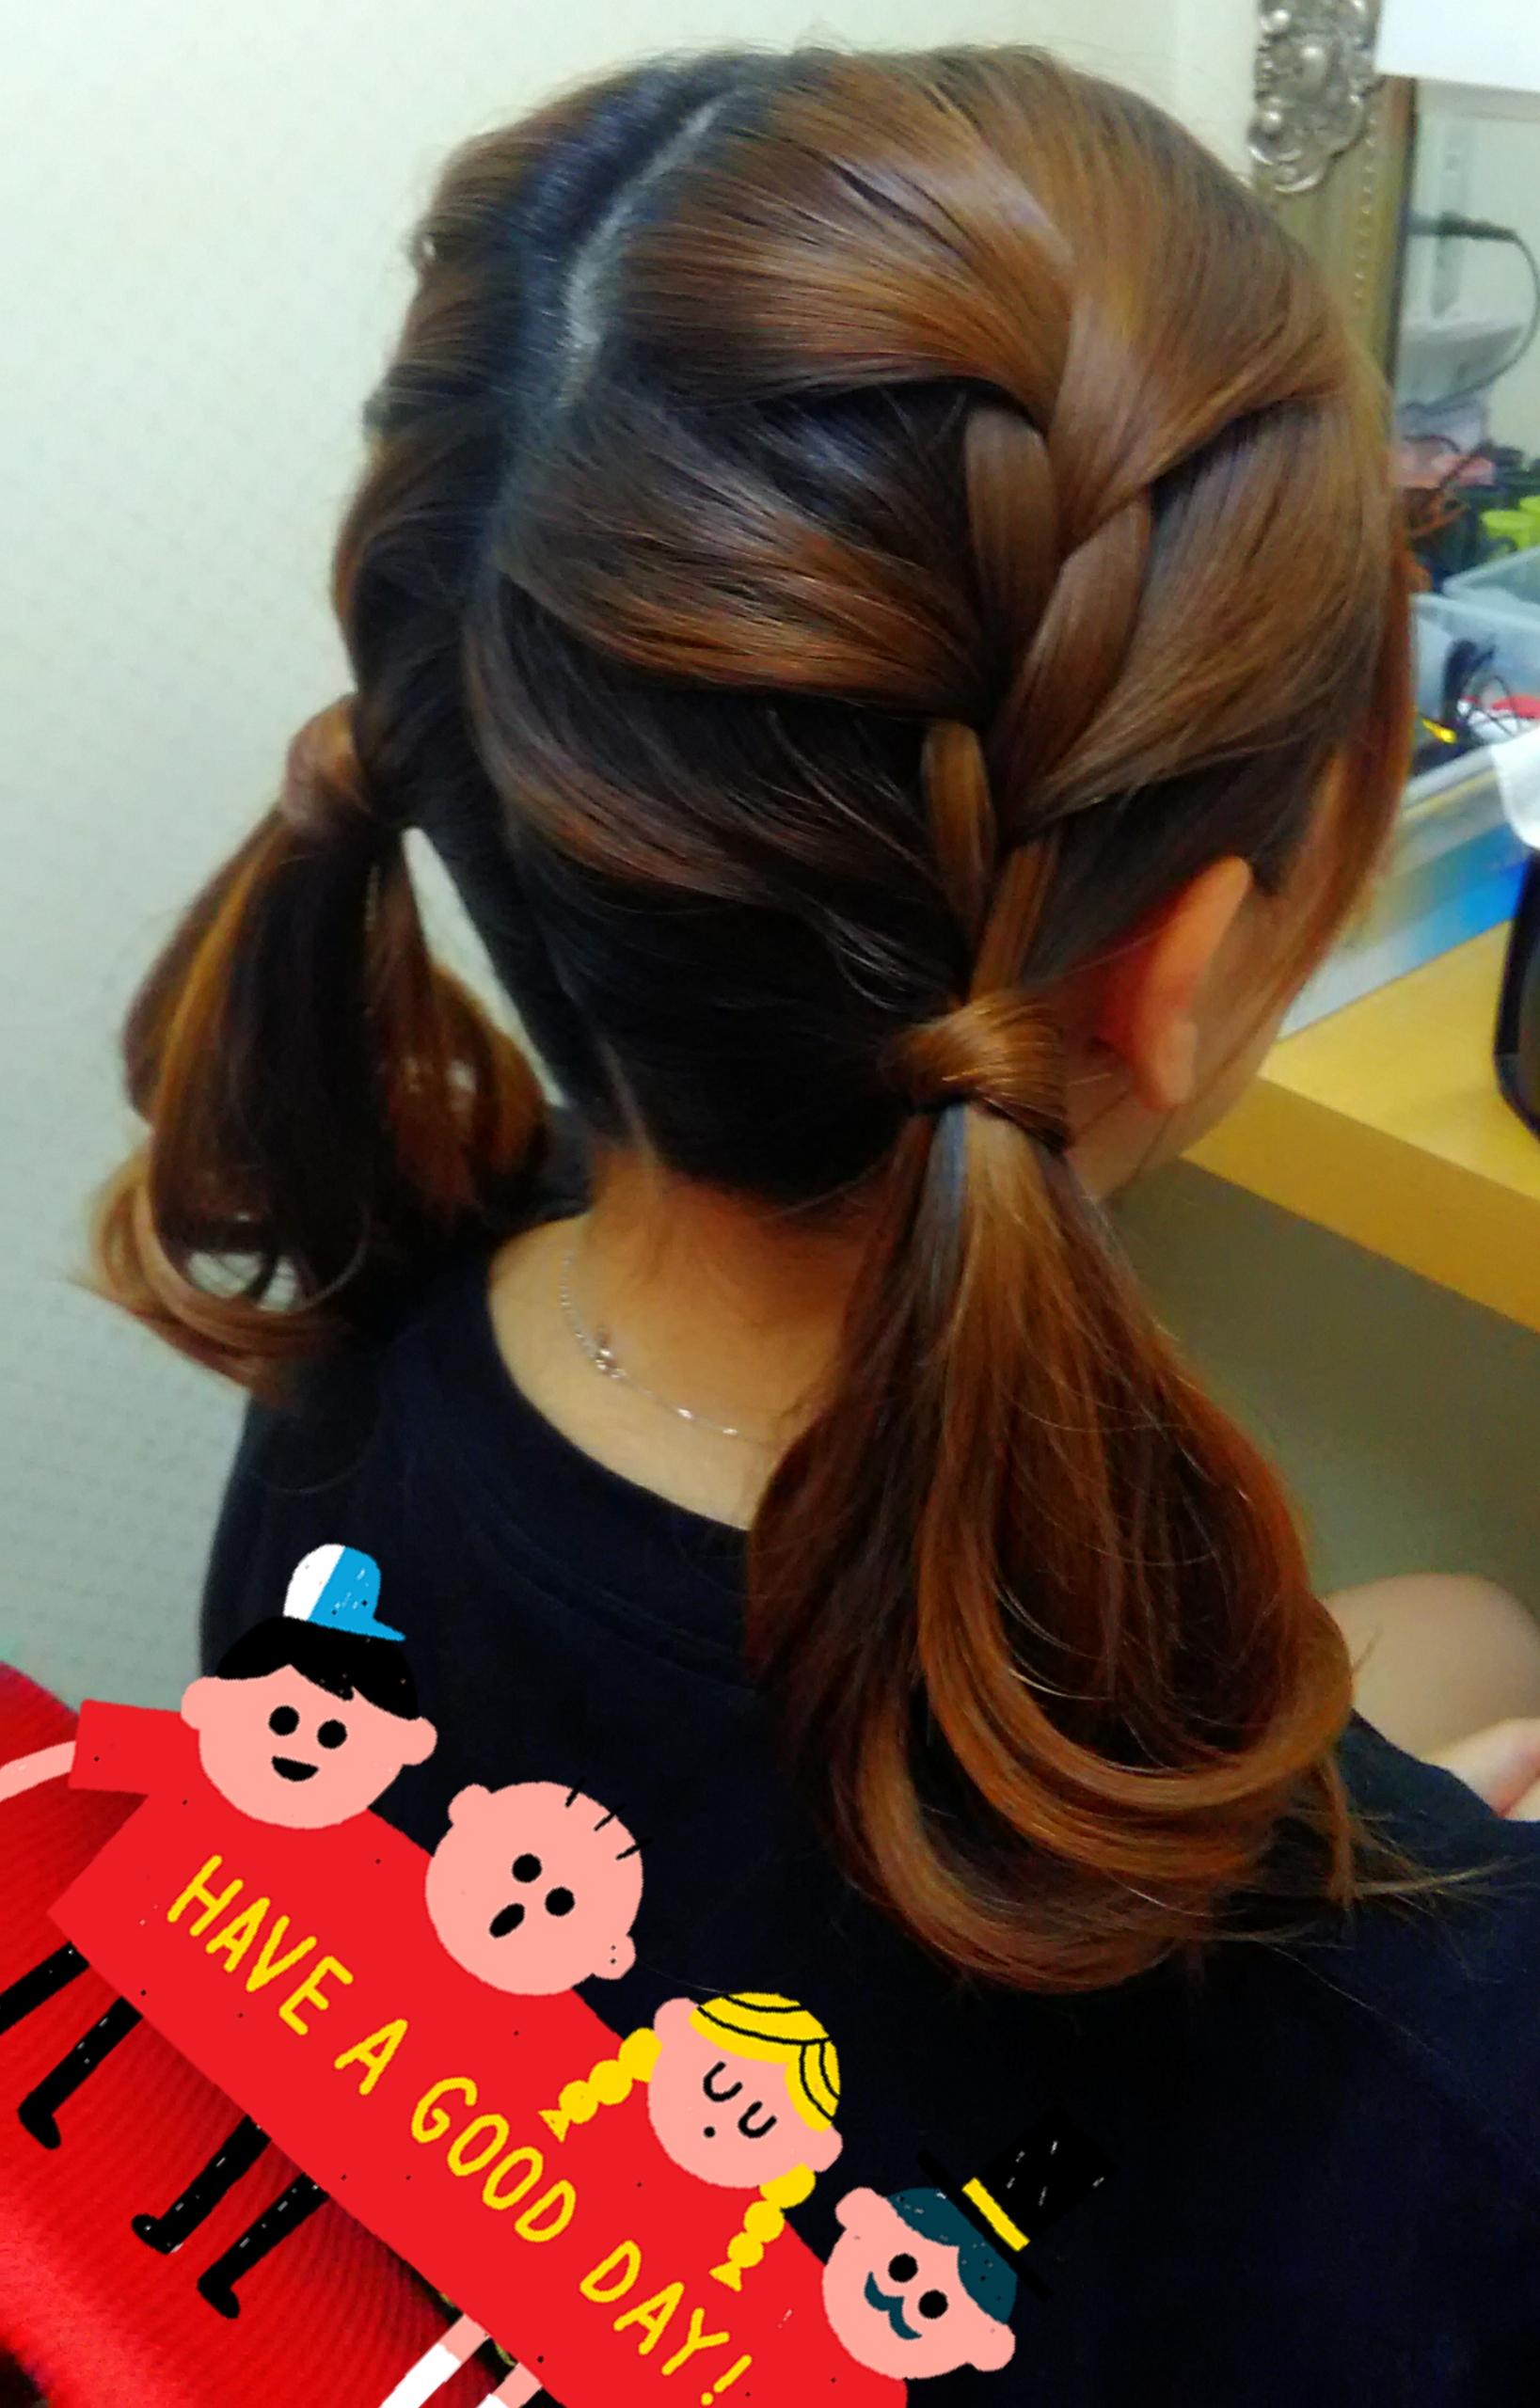 ツインテールのヘアアレンジ